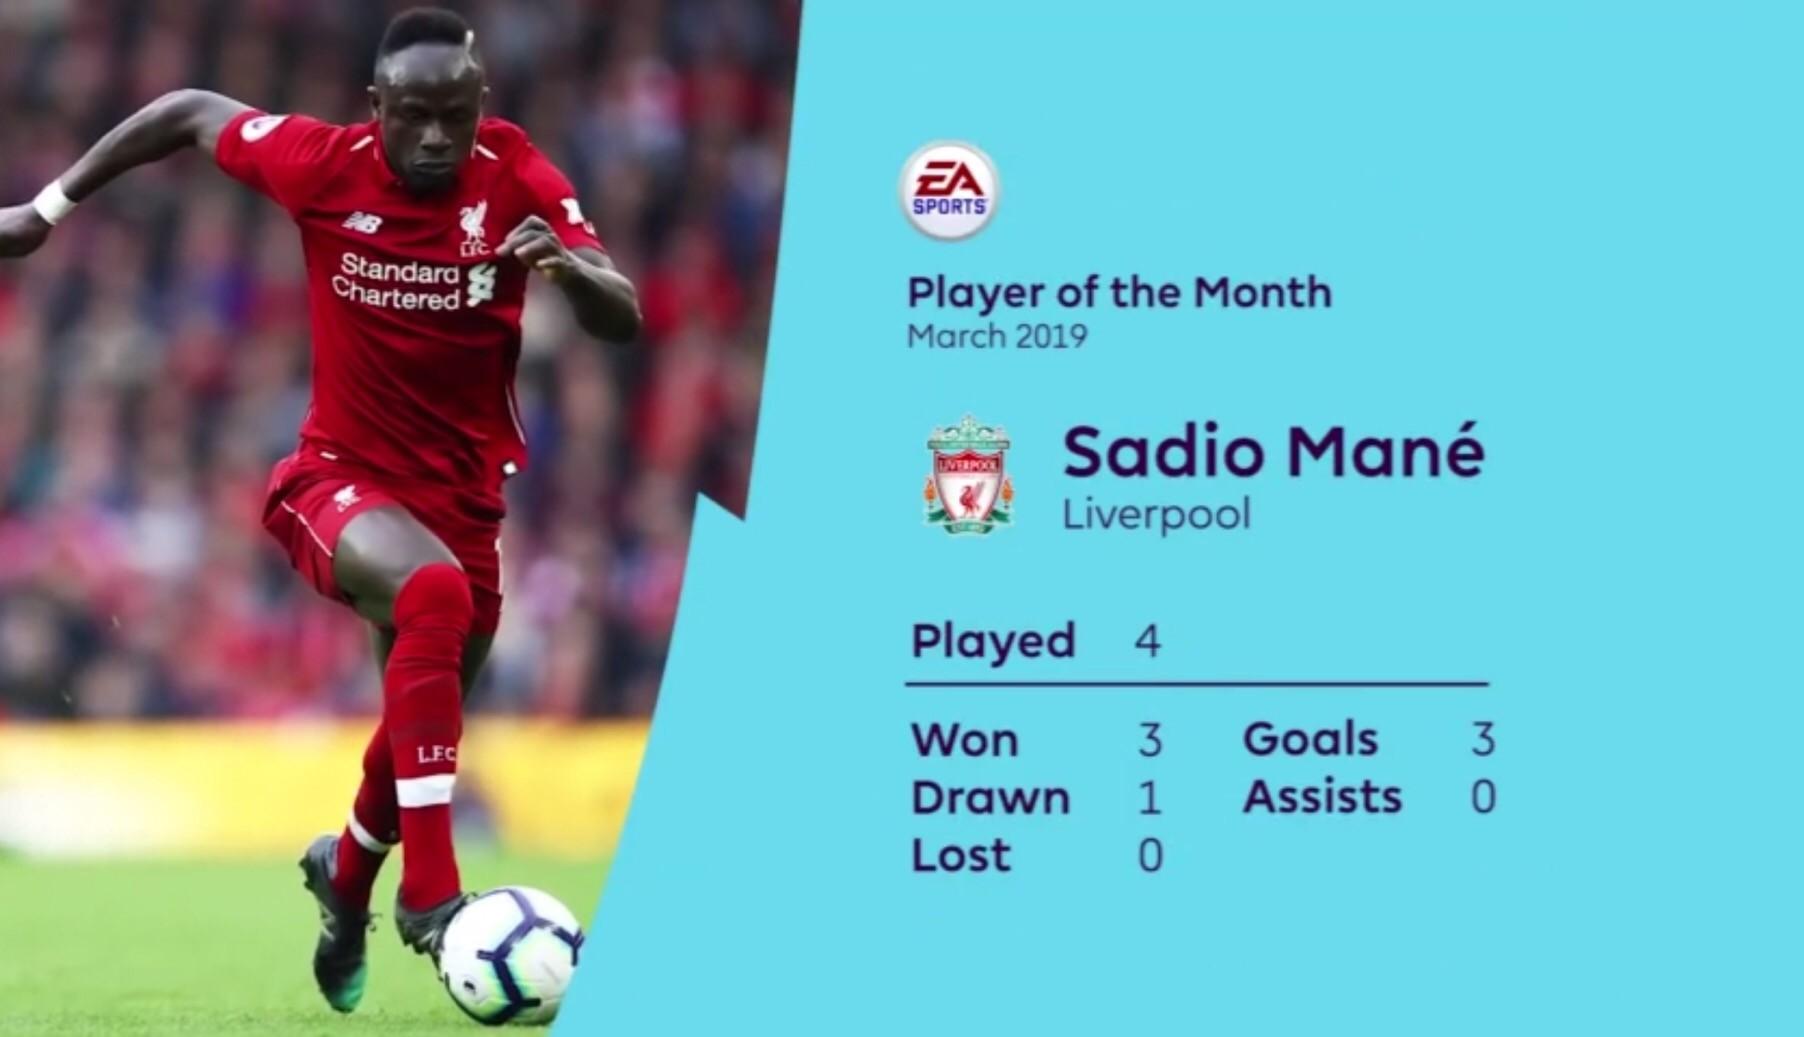 四场三球助红军取得3胜1平,马内当选英超三月最佳球员 — 利物浦